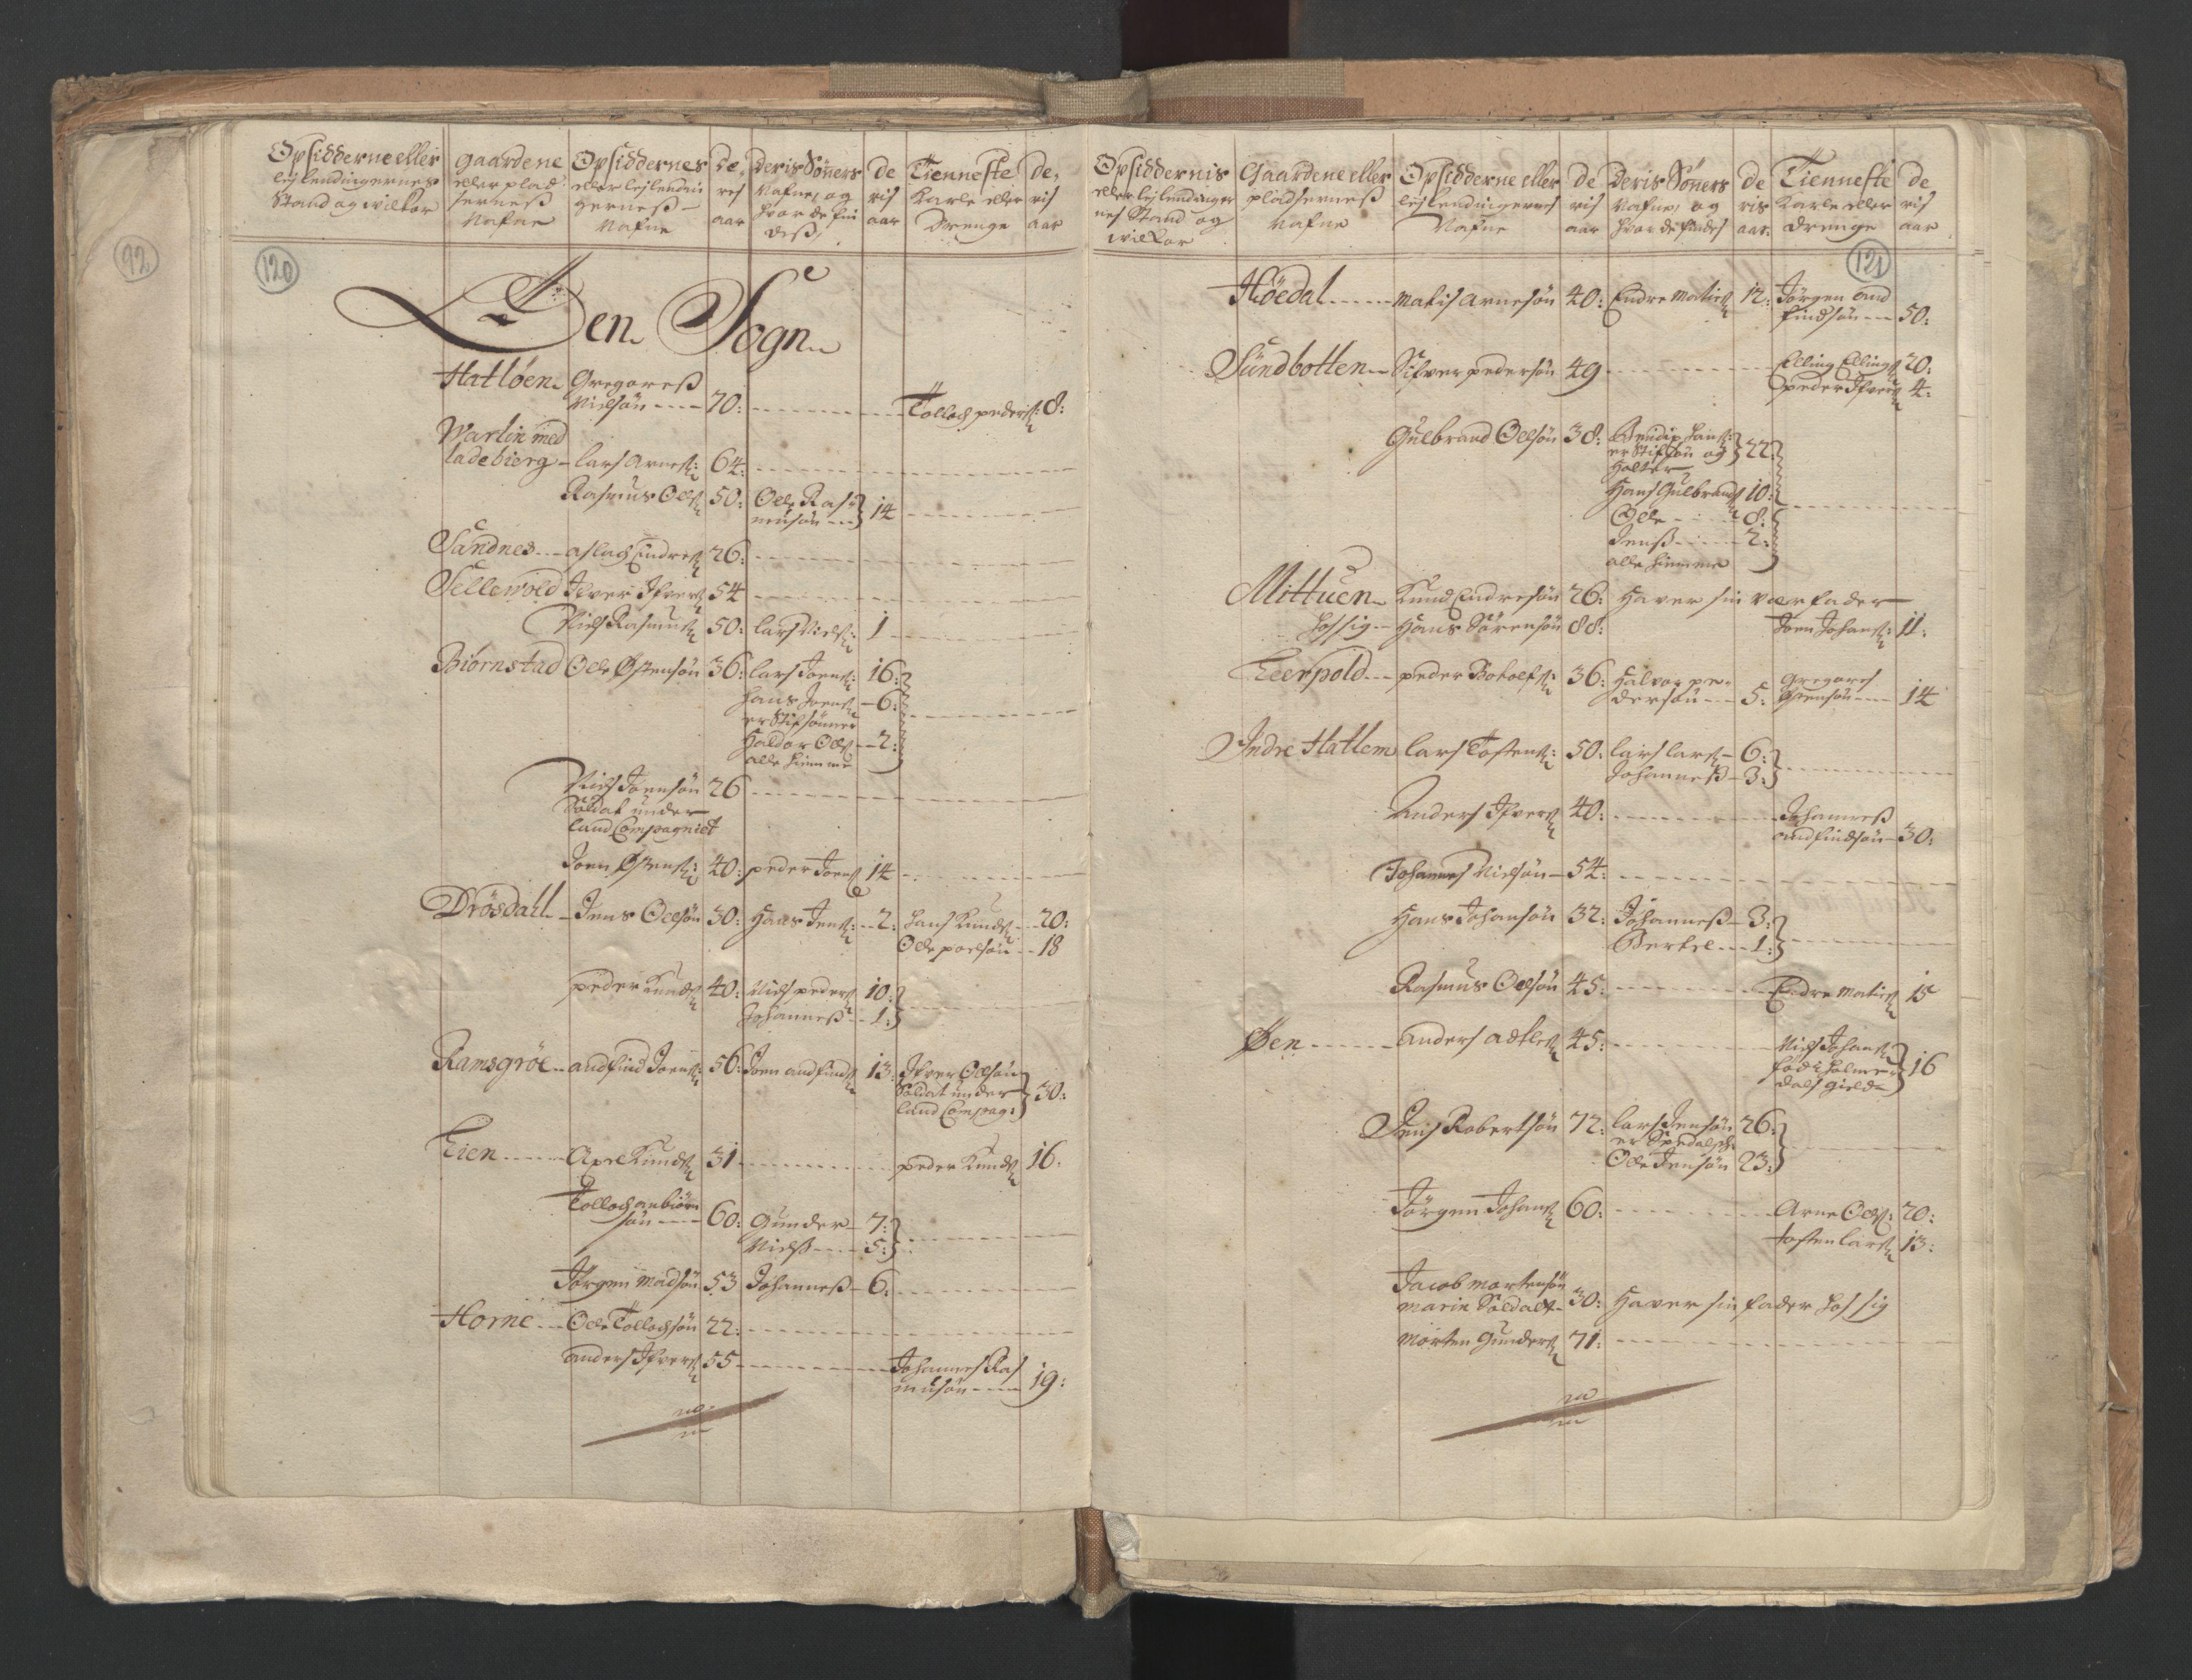 RA, Manntallet 1701, nr. 9: Sunnfjord fogderi, Nordfjord fogderi og Svanø birk, 1701, s. 120-121